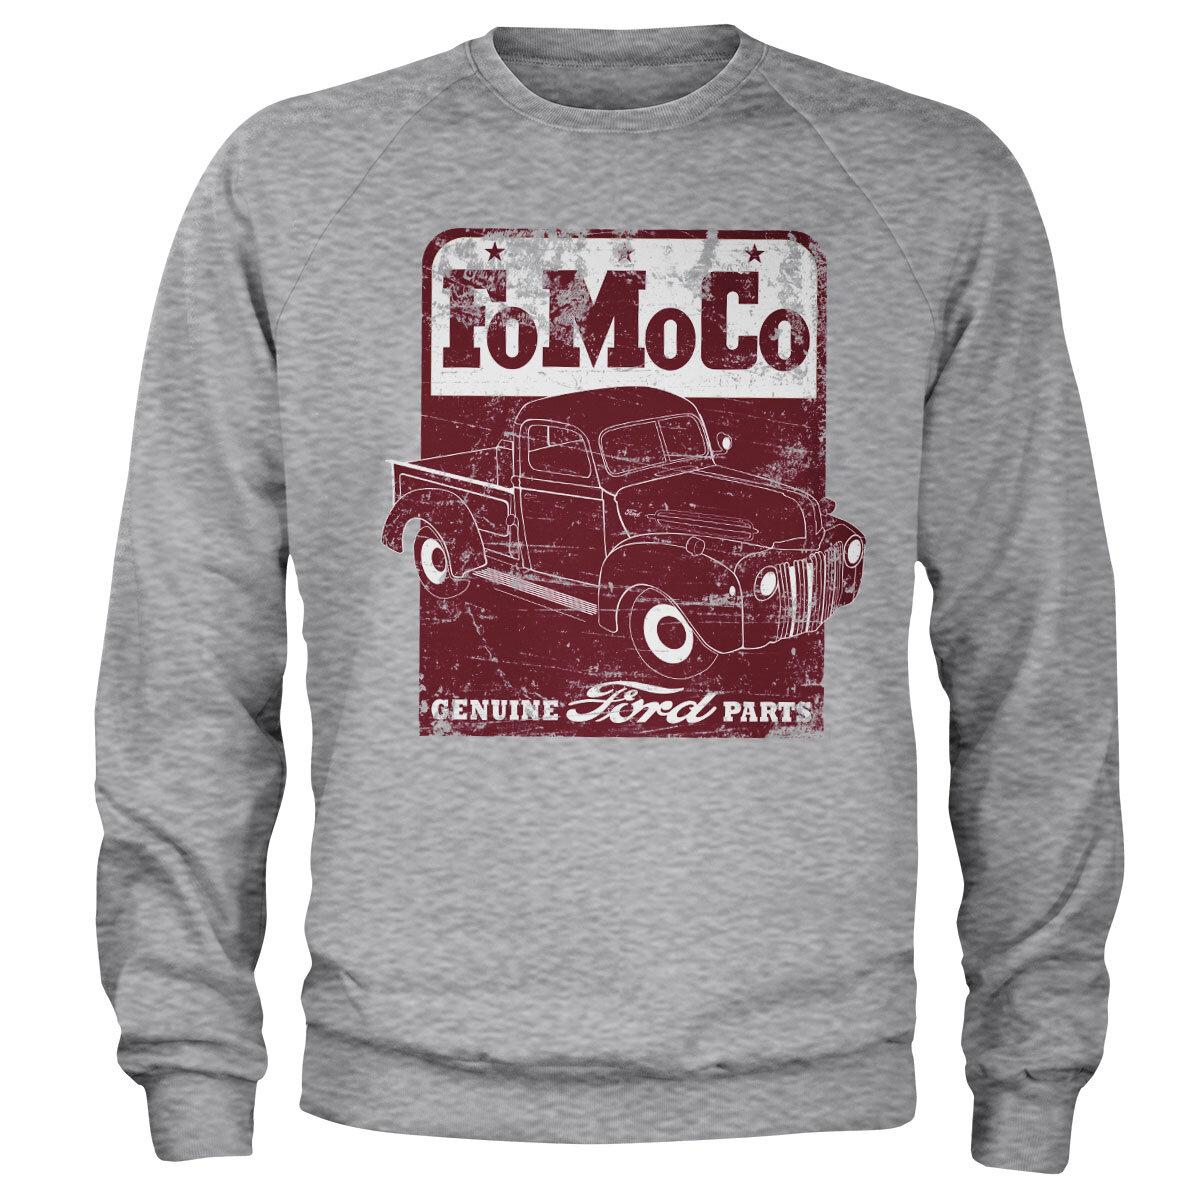 FoMoCo - Genuine Ford Parts Sweatshirt